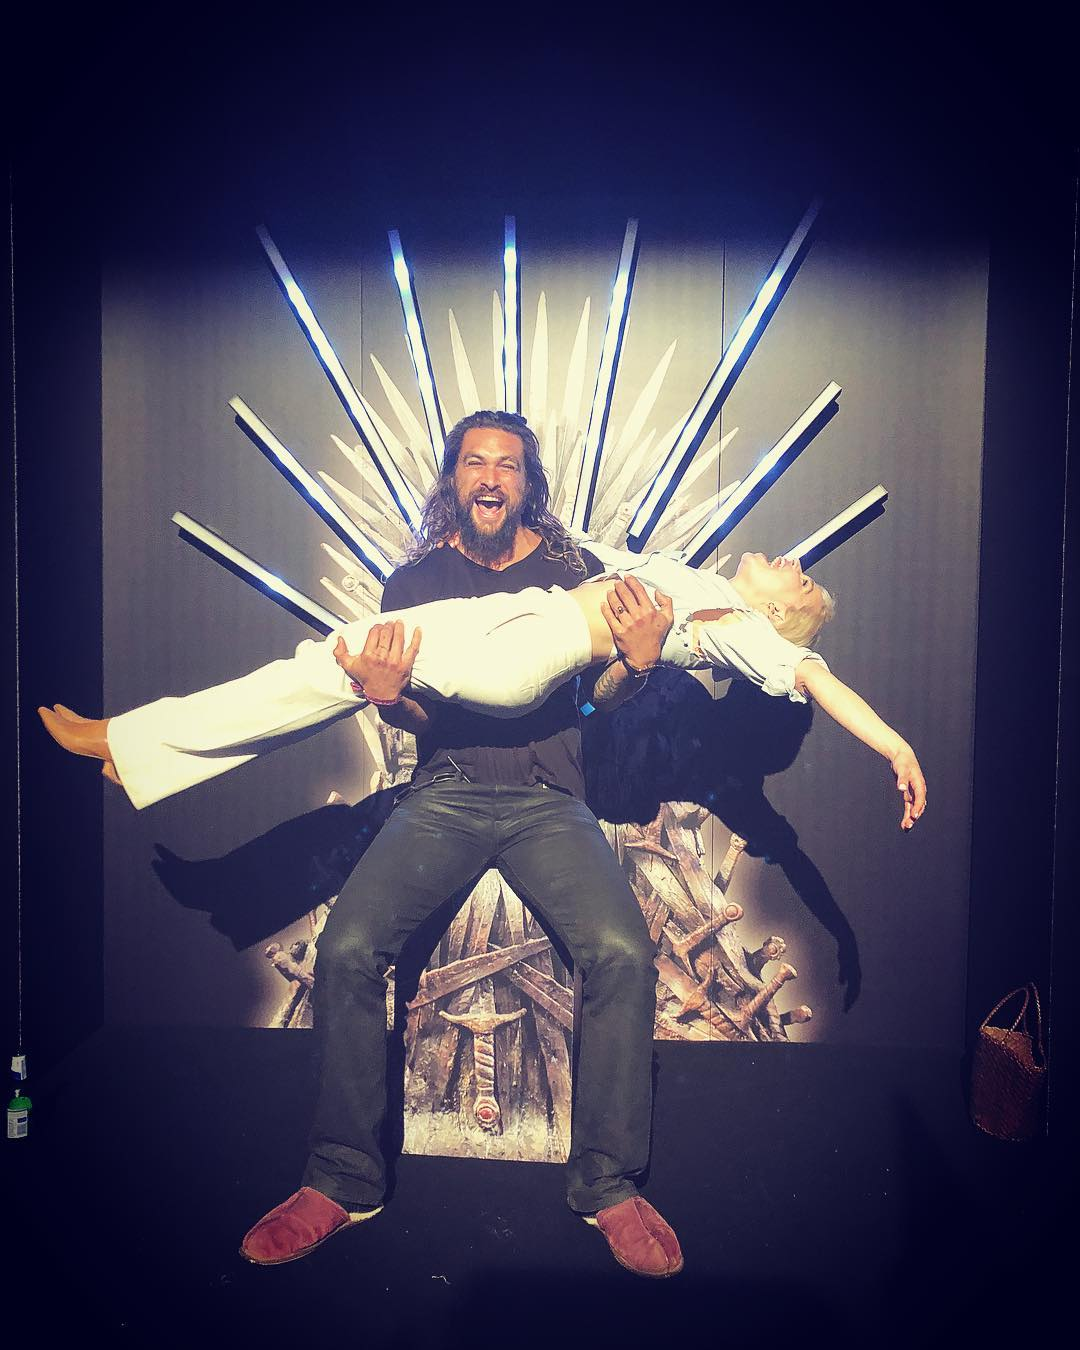 Juego de Tronos: Emilia Clarke y Jason Momoa se reúnen en el Trono ...